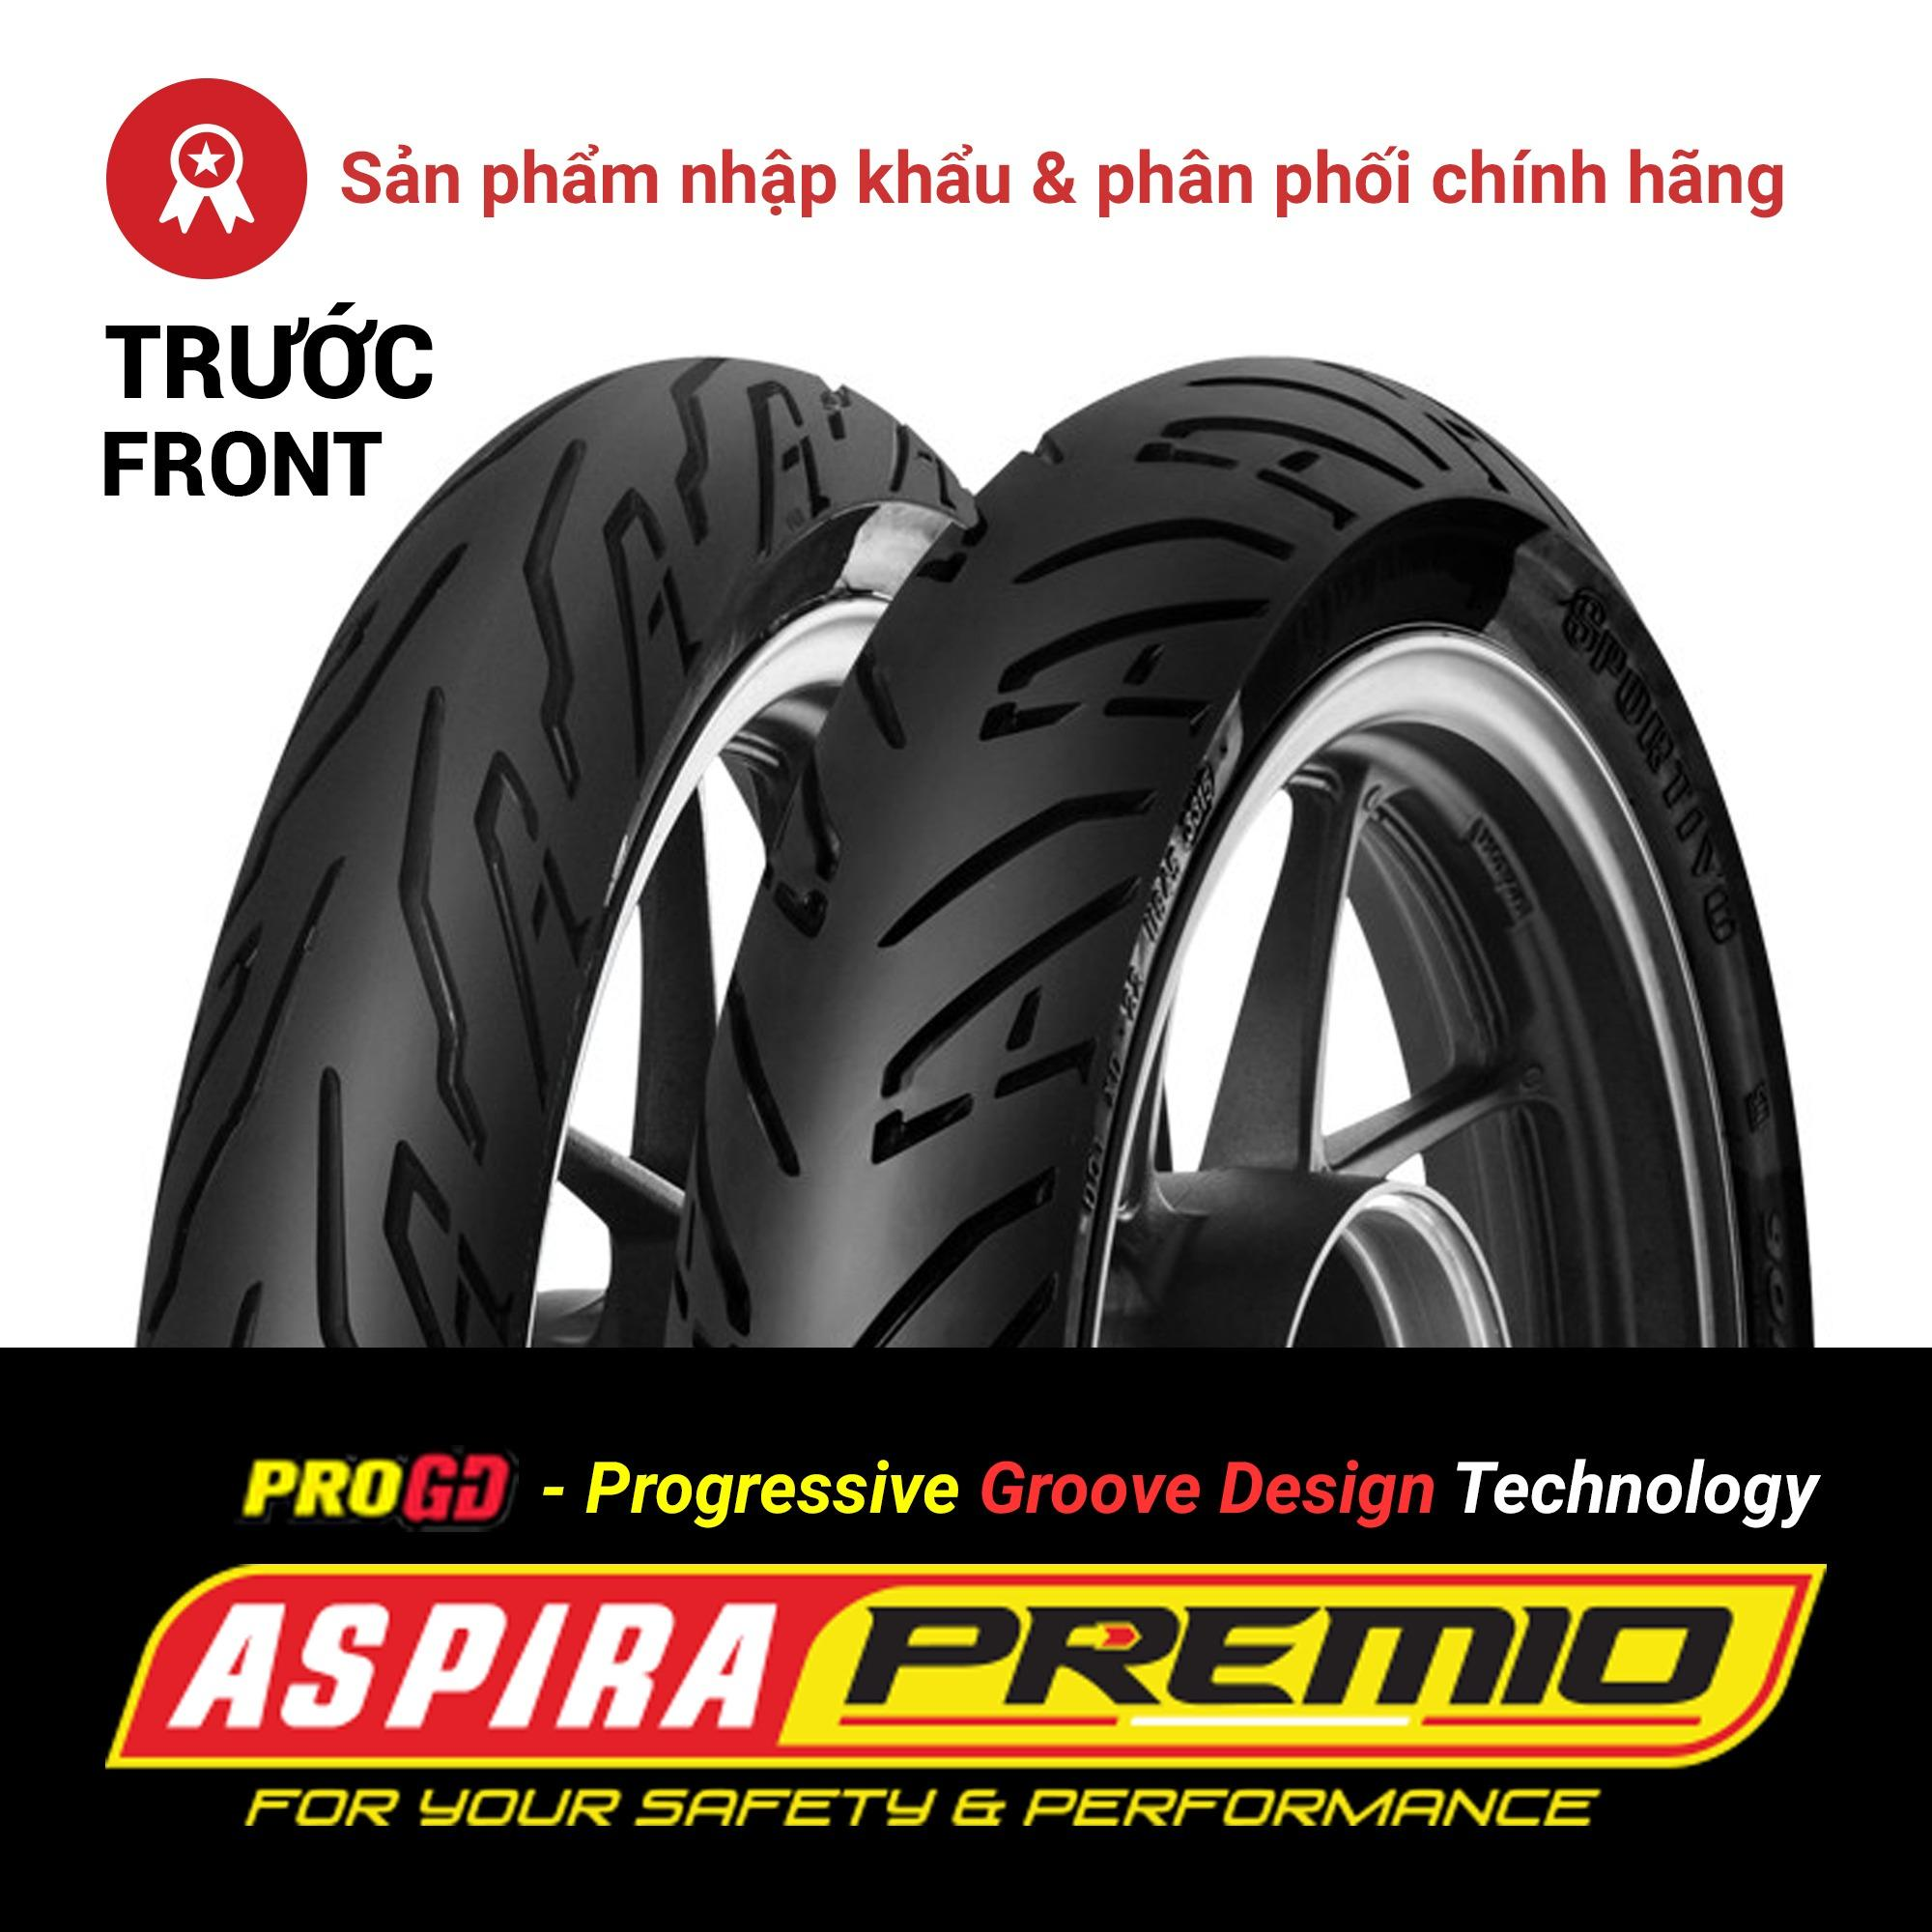 Thay lốp (vỏ) trước 80/90-14 TL Aspira Premio Sportivo chính hãng cho xe tay ga Honda AirBlade, Vision, Click, Vario, Yamaha Mio Nhật Bản